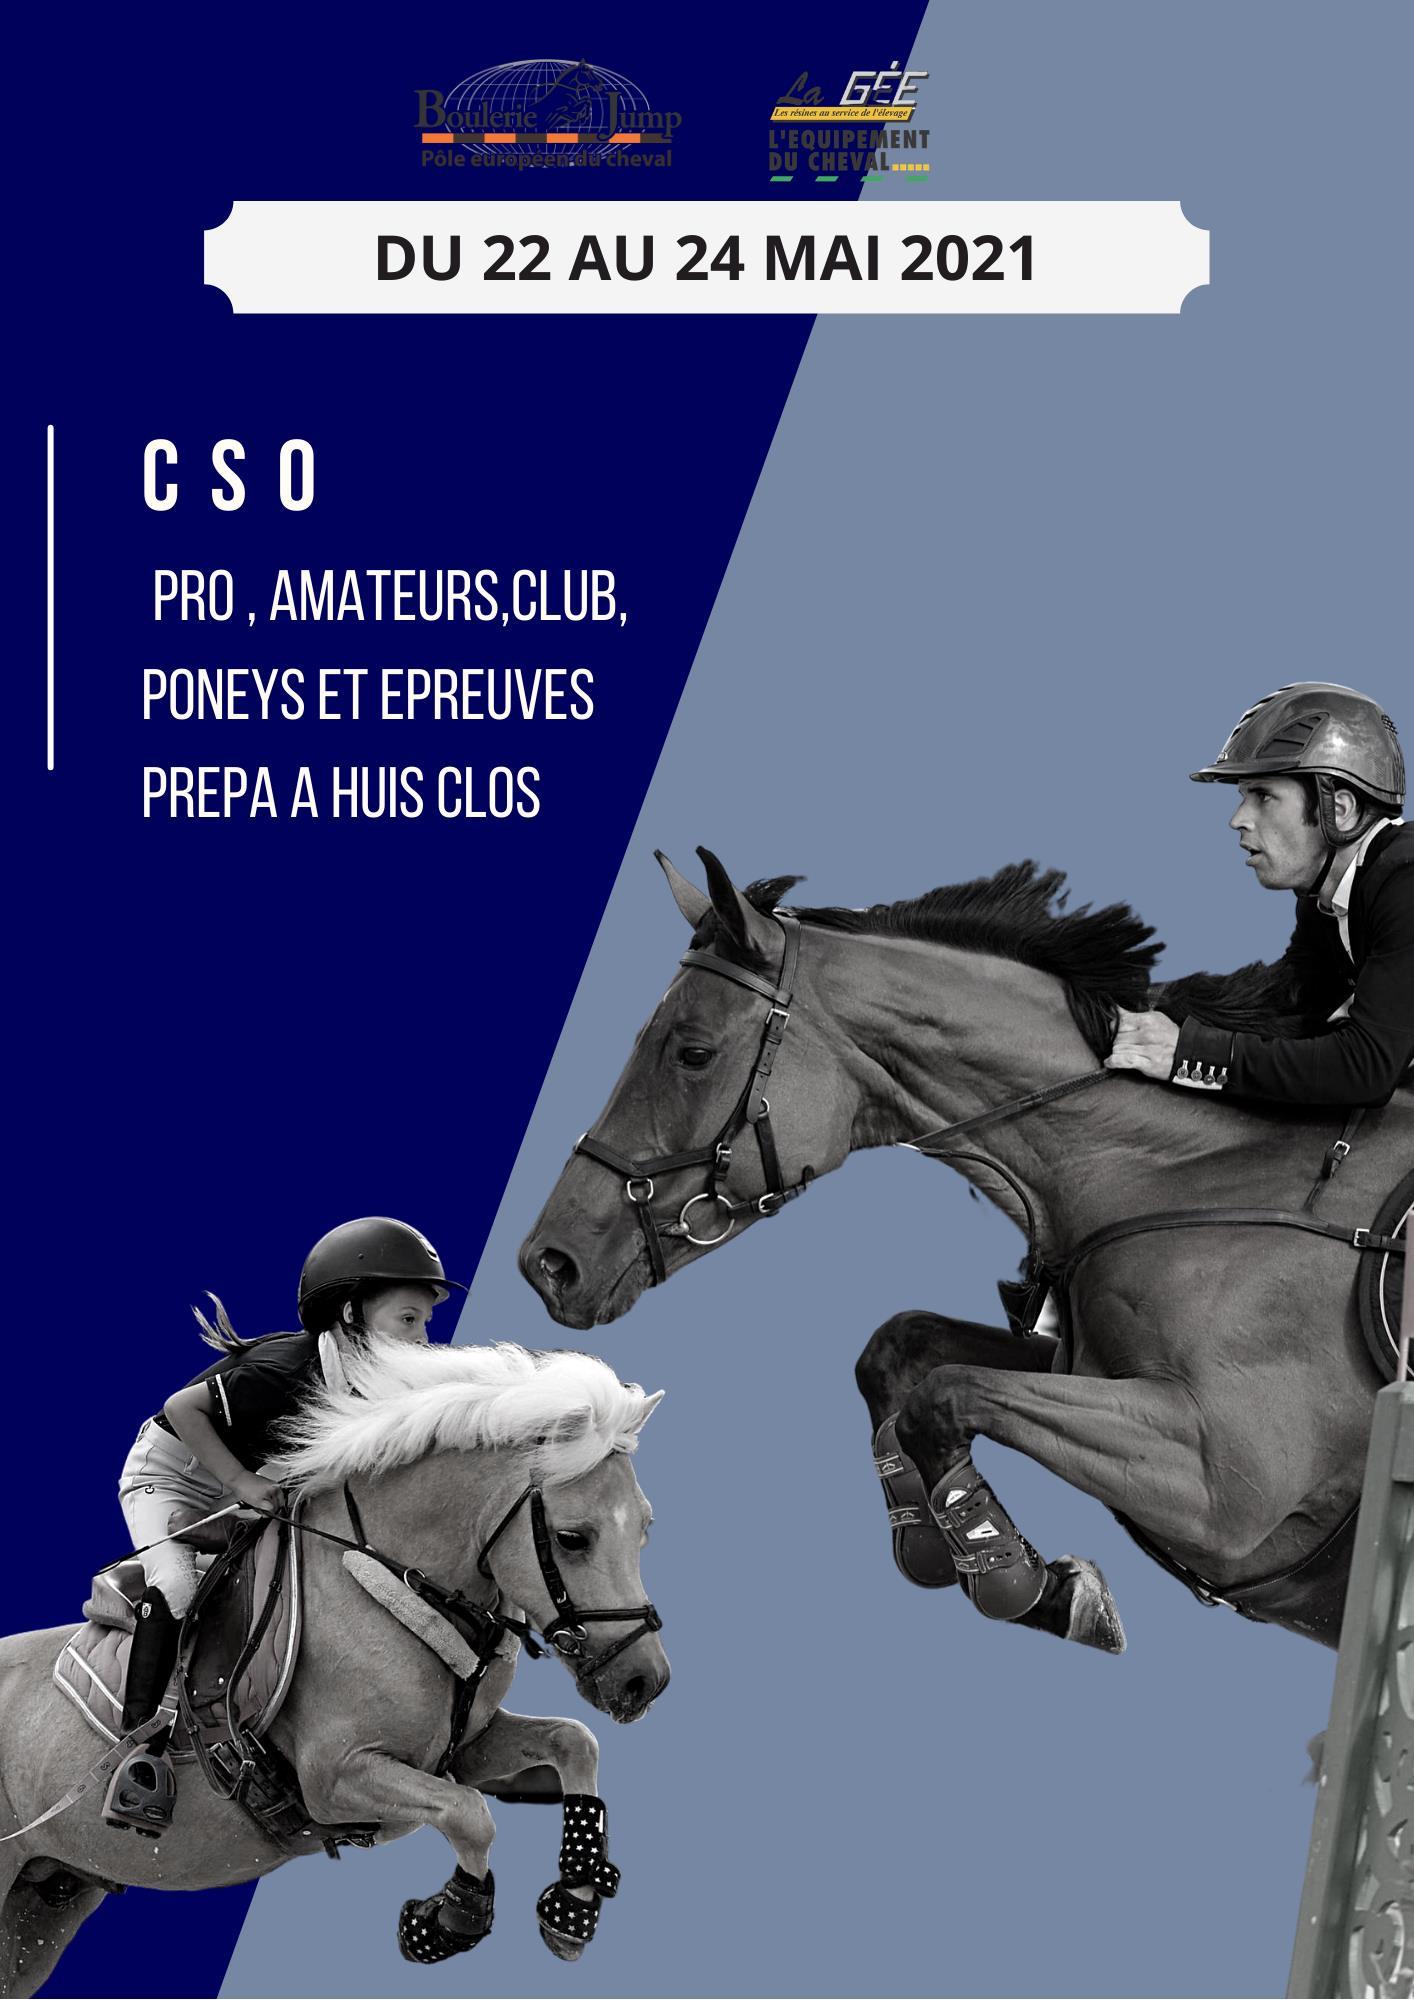 CSO - Le Mans